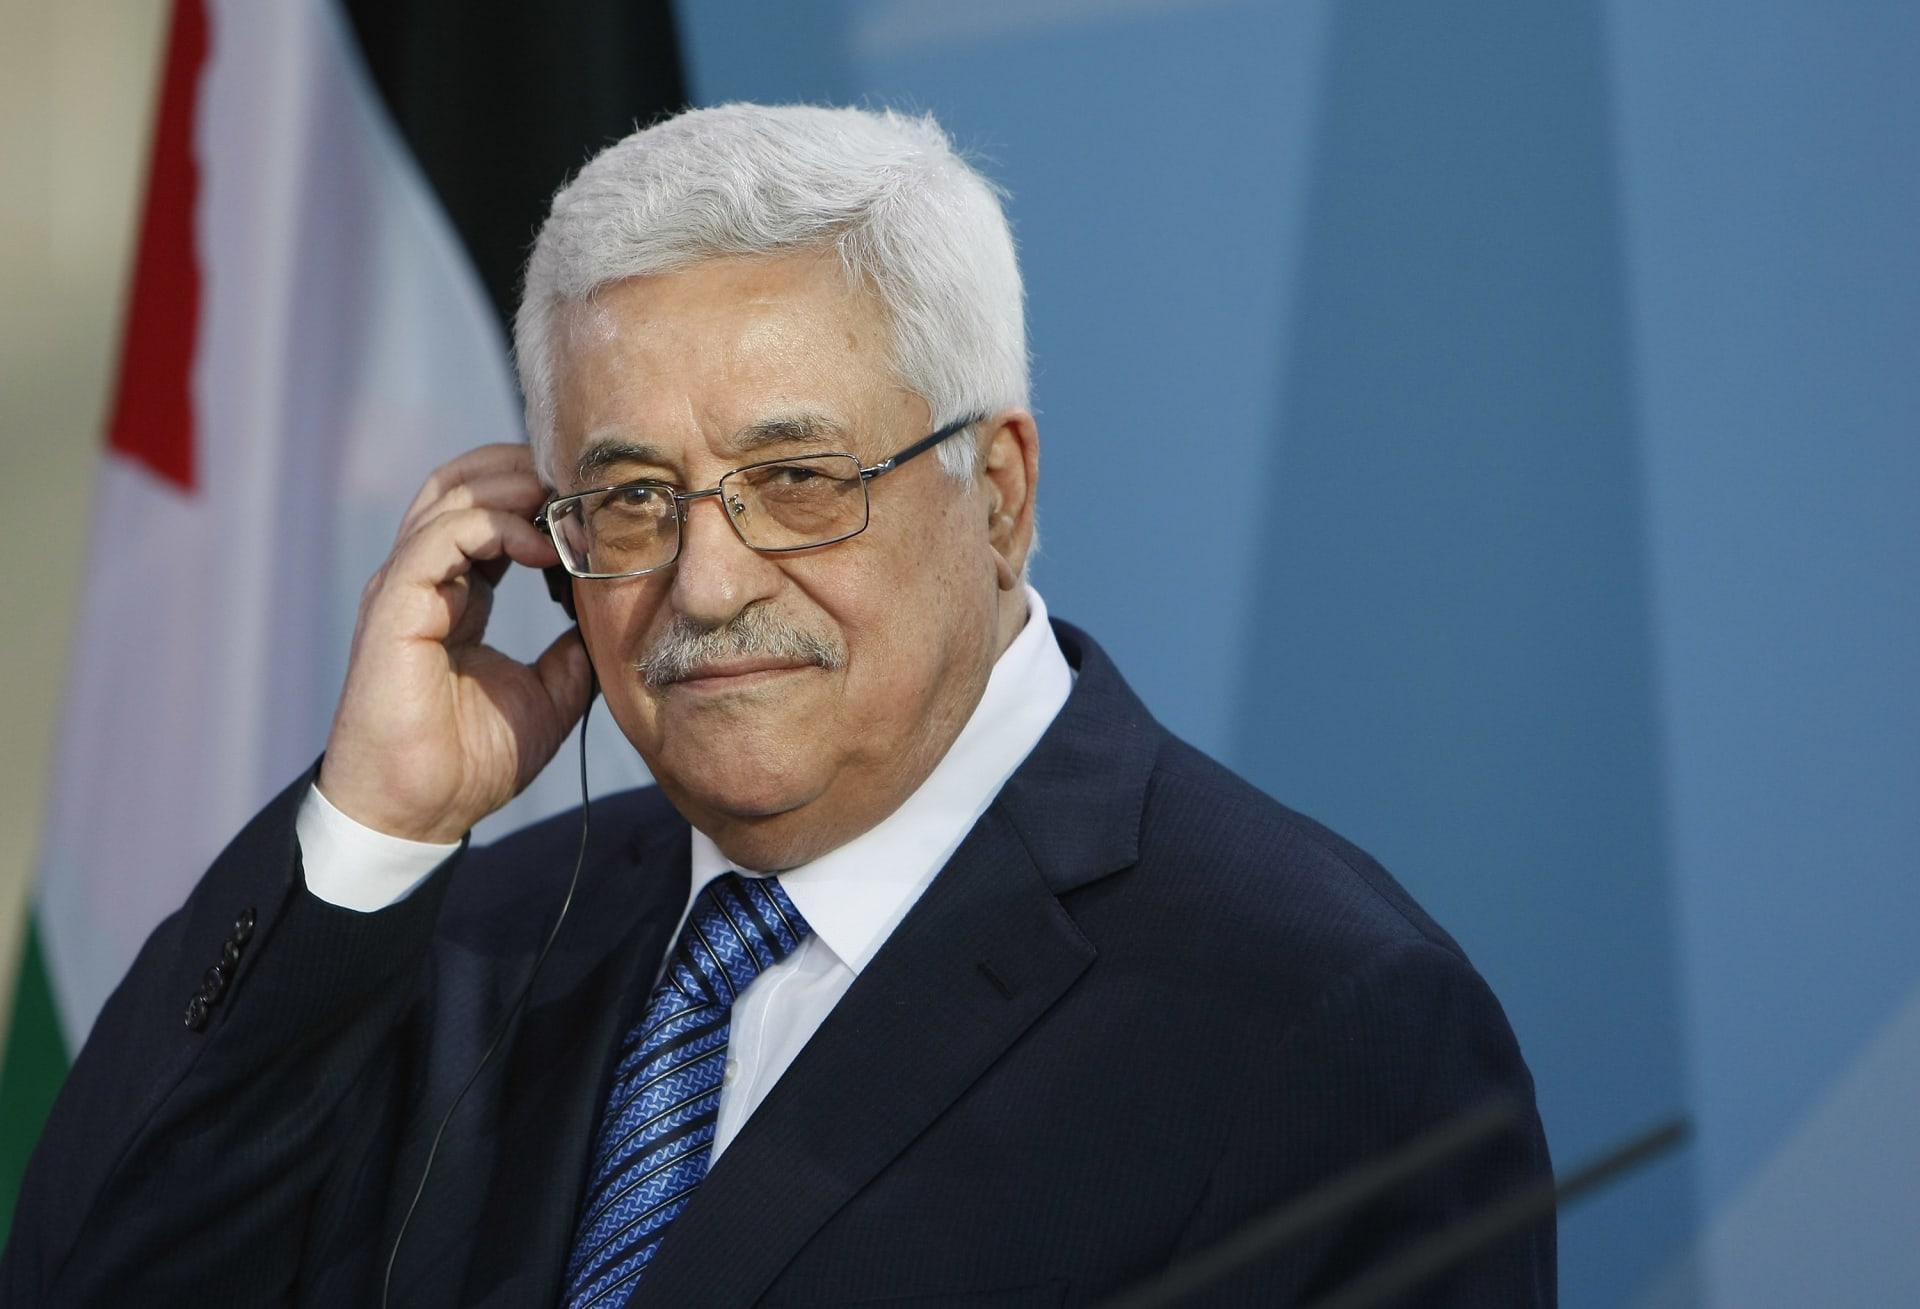 .محمود عباس: شاهدنا العالم كله يقف إلى جانب الأردن وملكه في الأحداث الأخيرة